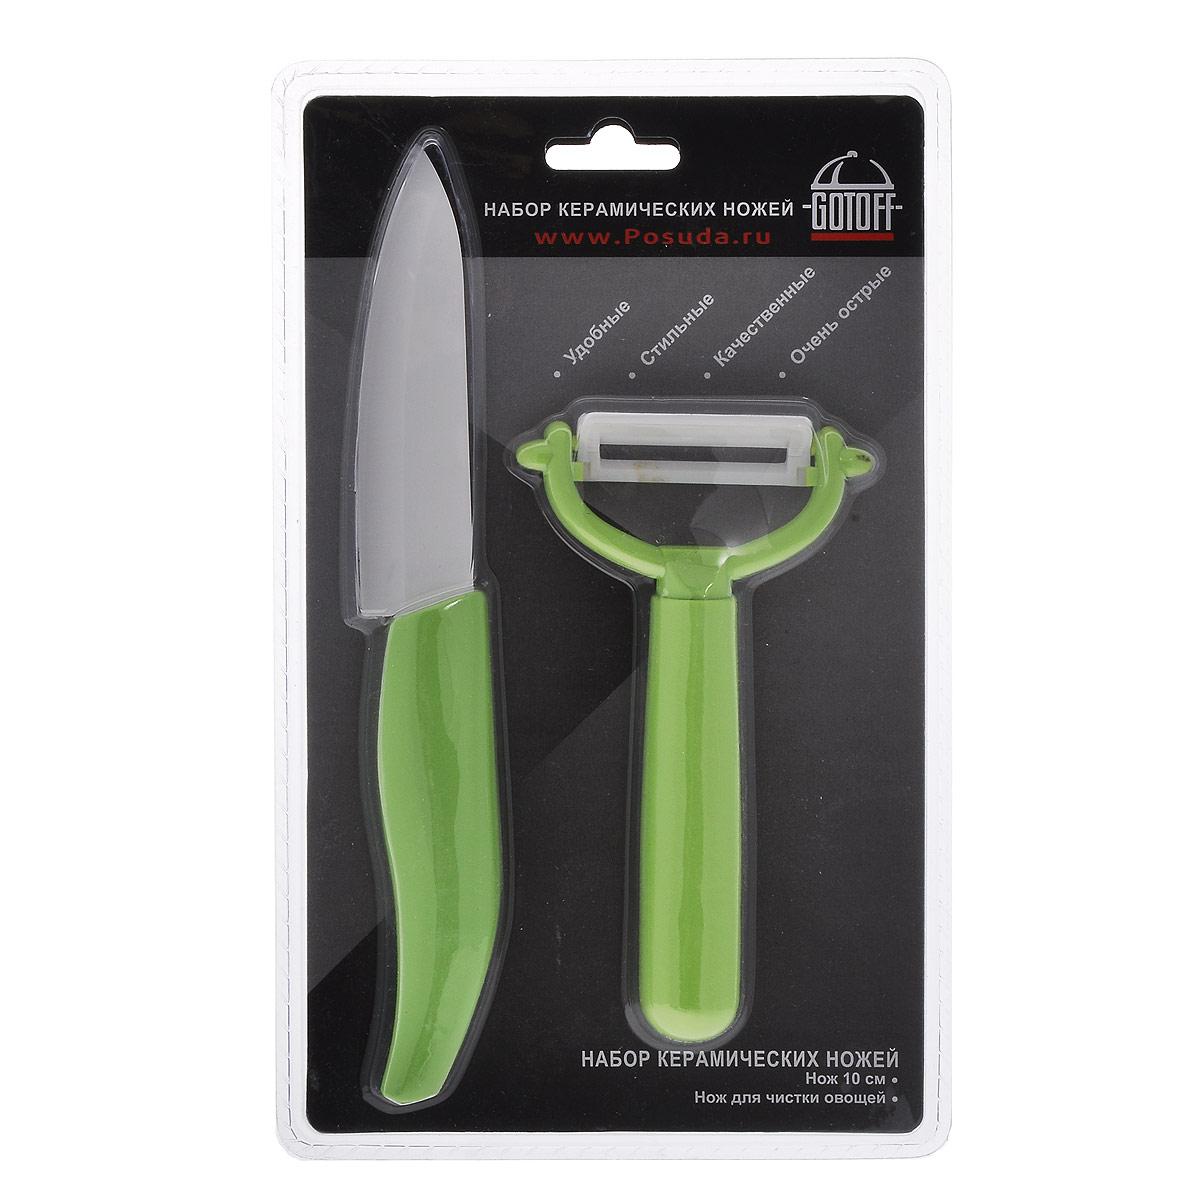 Набор керамических ножей Gotoff 2 предмета, цвет: зеленый CKP0302CKP0302Набор ножей Gotoff, изготовленных из высококачественной керамики, обладает исключительным качеством и займет достойное место среди аксессуаров на вашей кухне. В набор входит нож для нарезания фруктов, овощей и мяса без костей и нож для чистки овощей. Керамика - это отличная альтернатива металлу. В отличие от стальных ножей, керамические ножи не переносят ионы металла в пищу, не разрушаются от кислот овощей и фруктов и никогда не заржавеют. При этом вес керамических ножей вдвое меньше веса стальных ножей, что не дает уставать руке во время длительного и однообразного нарезания. Керамические ножи будут служить вам многие годы при соблюдении простых правил. Эргономичные рукоятки ножей выполнены из высококачественного пластика зеленого цвета. Рукоятка не скользит в руках и делает резку удобной и безопасной. Используйте только деревянную или пластиковую доску для нарезки. Избегайте мраморных, стеклянных, металлических и кафельных поверхностей. Не используйте...